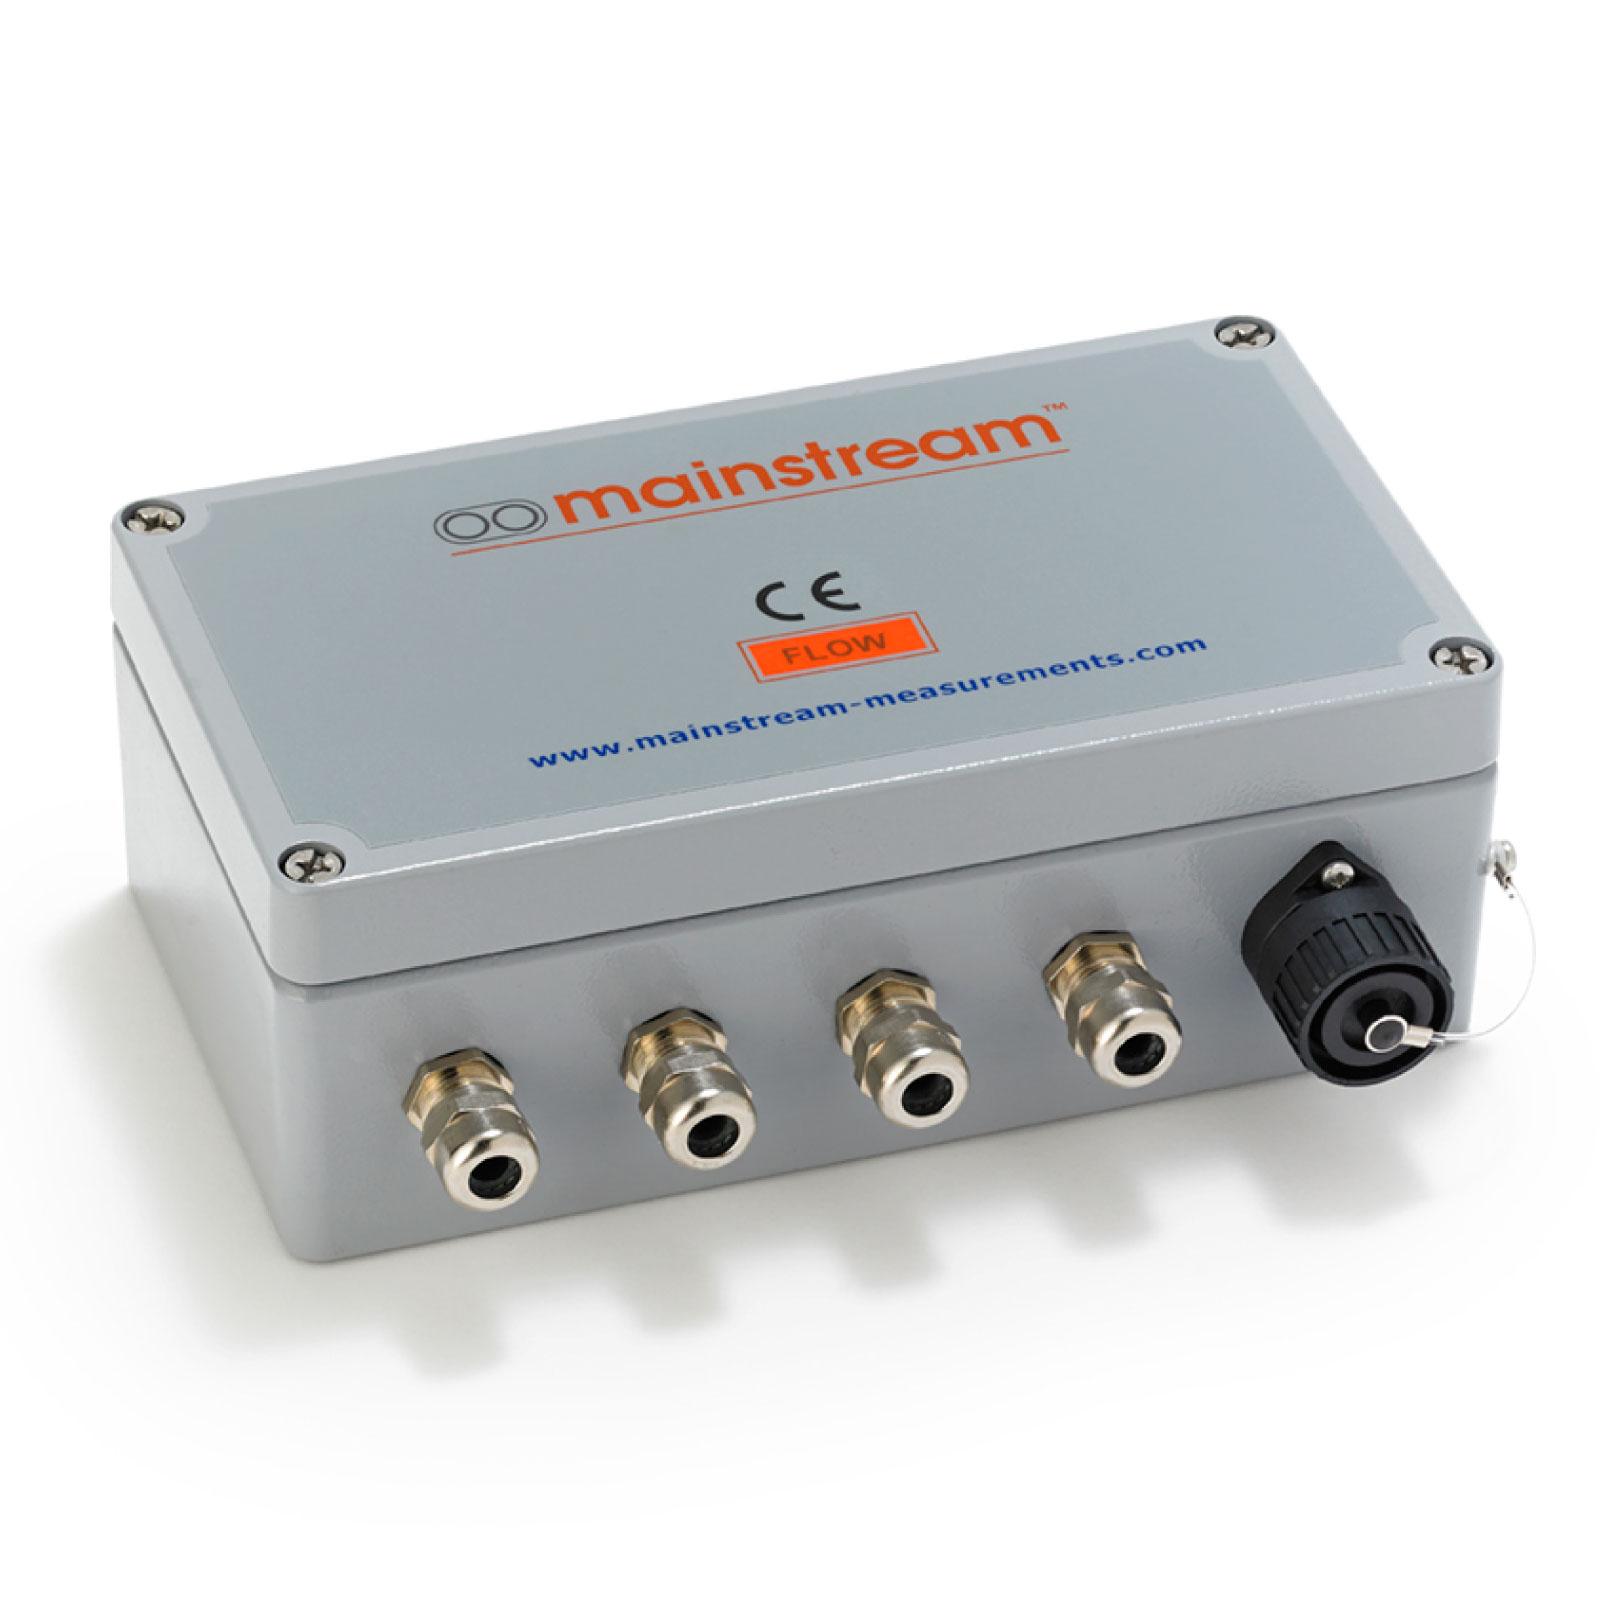 AV Flow Transmitter Box